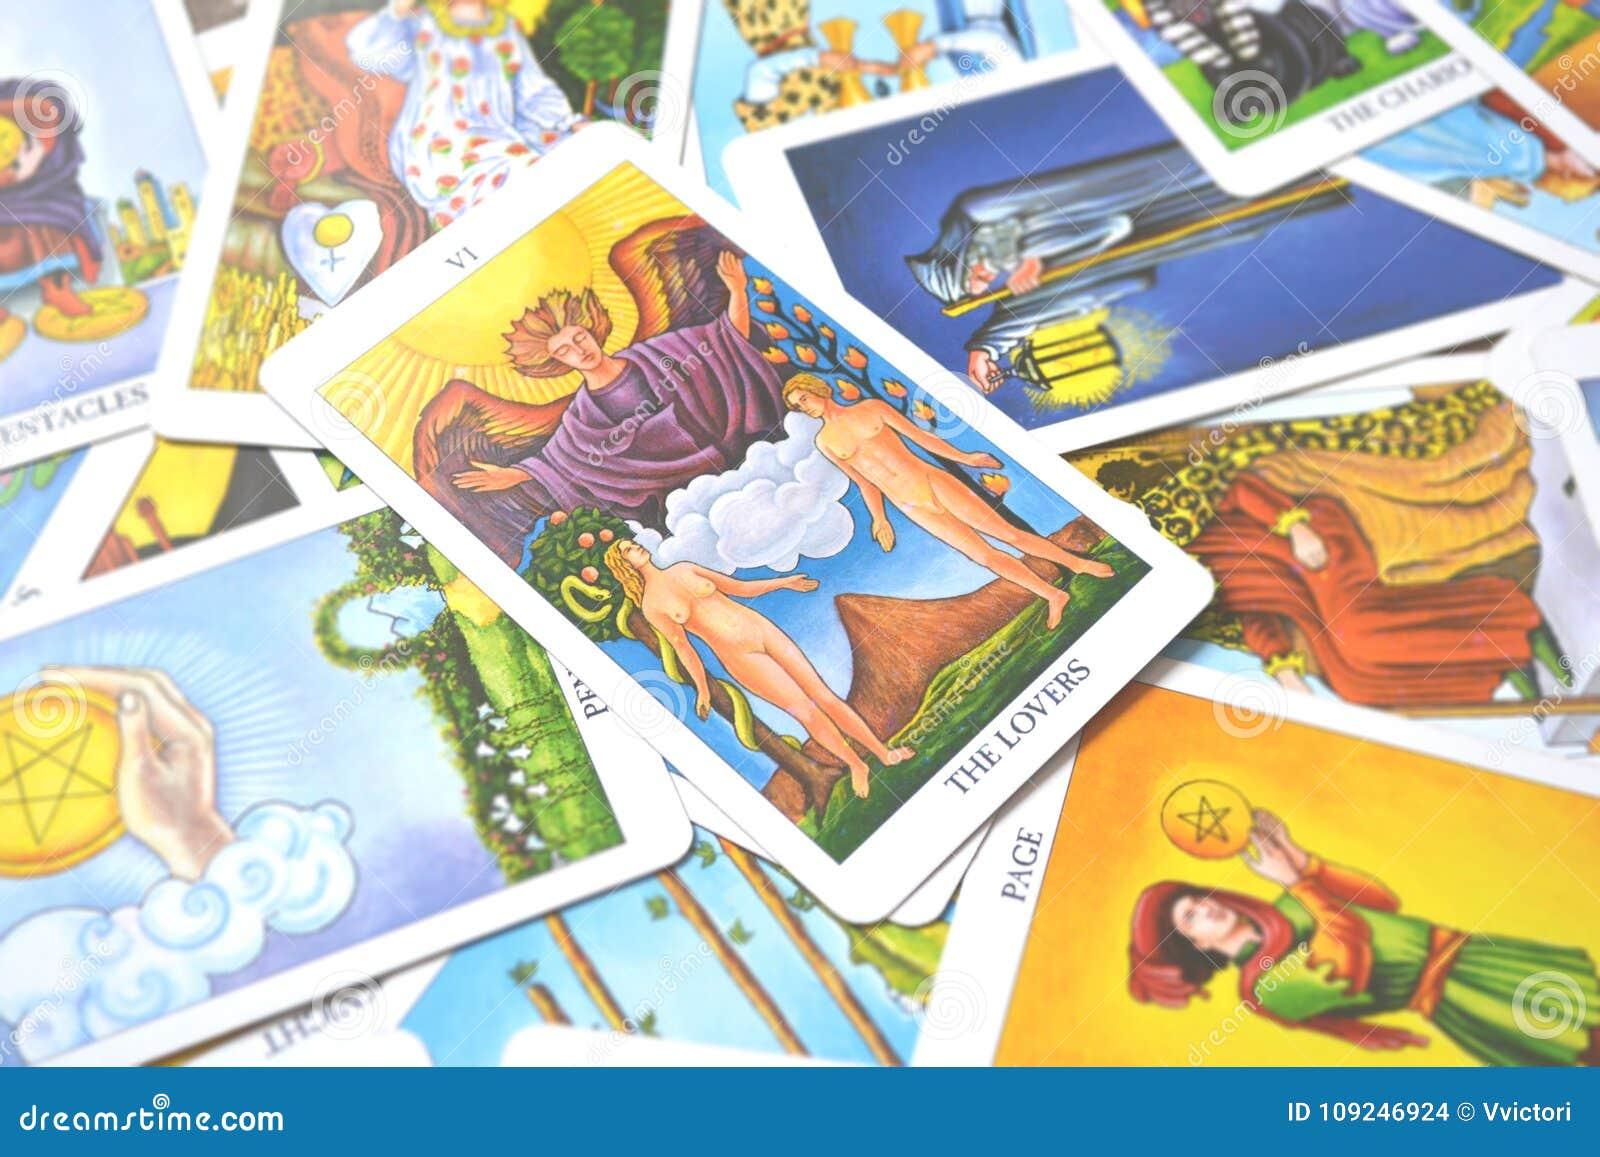 Η αγάπη συνεργασιών επιλογών αγάπης καρτών Tarot εραστών